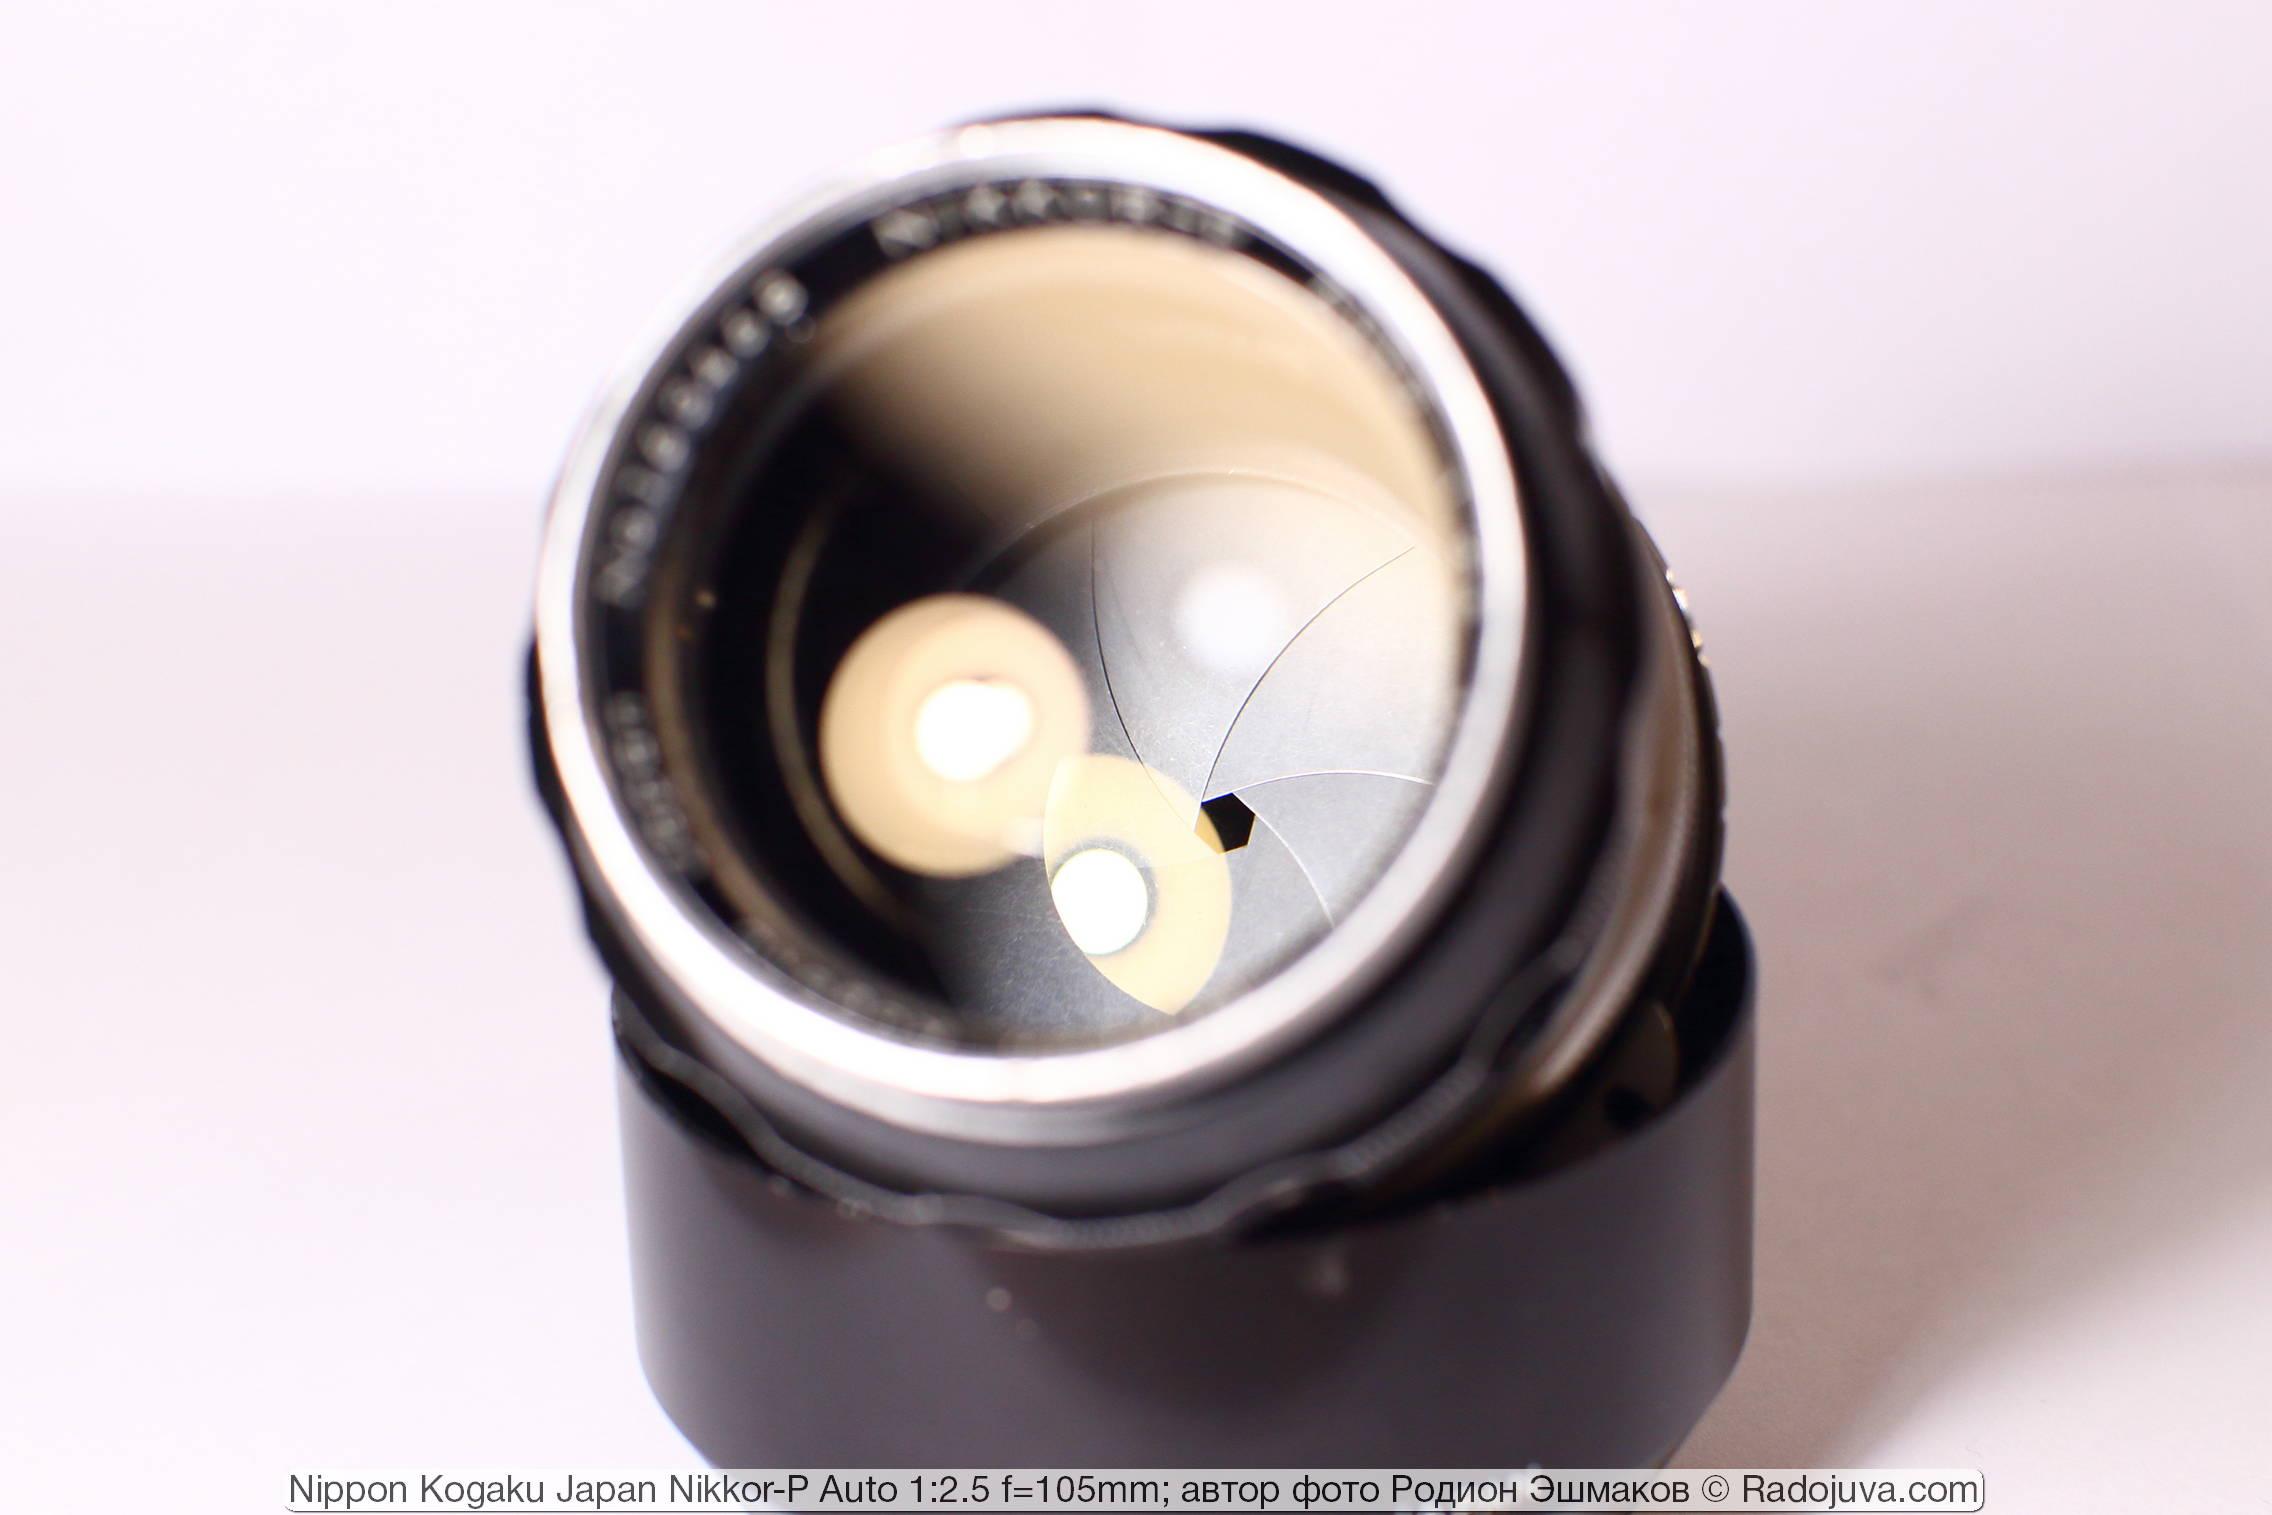 Вид закрытой диафрагмы объектива спереди.